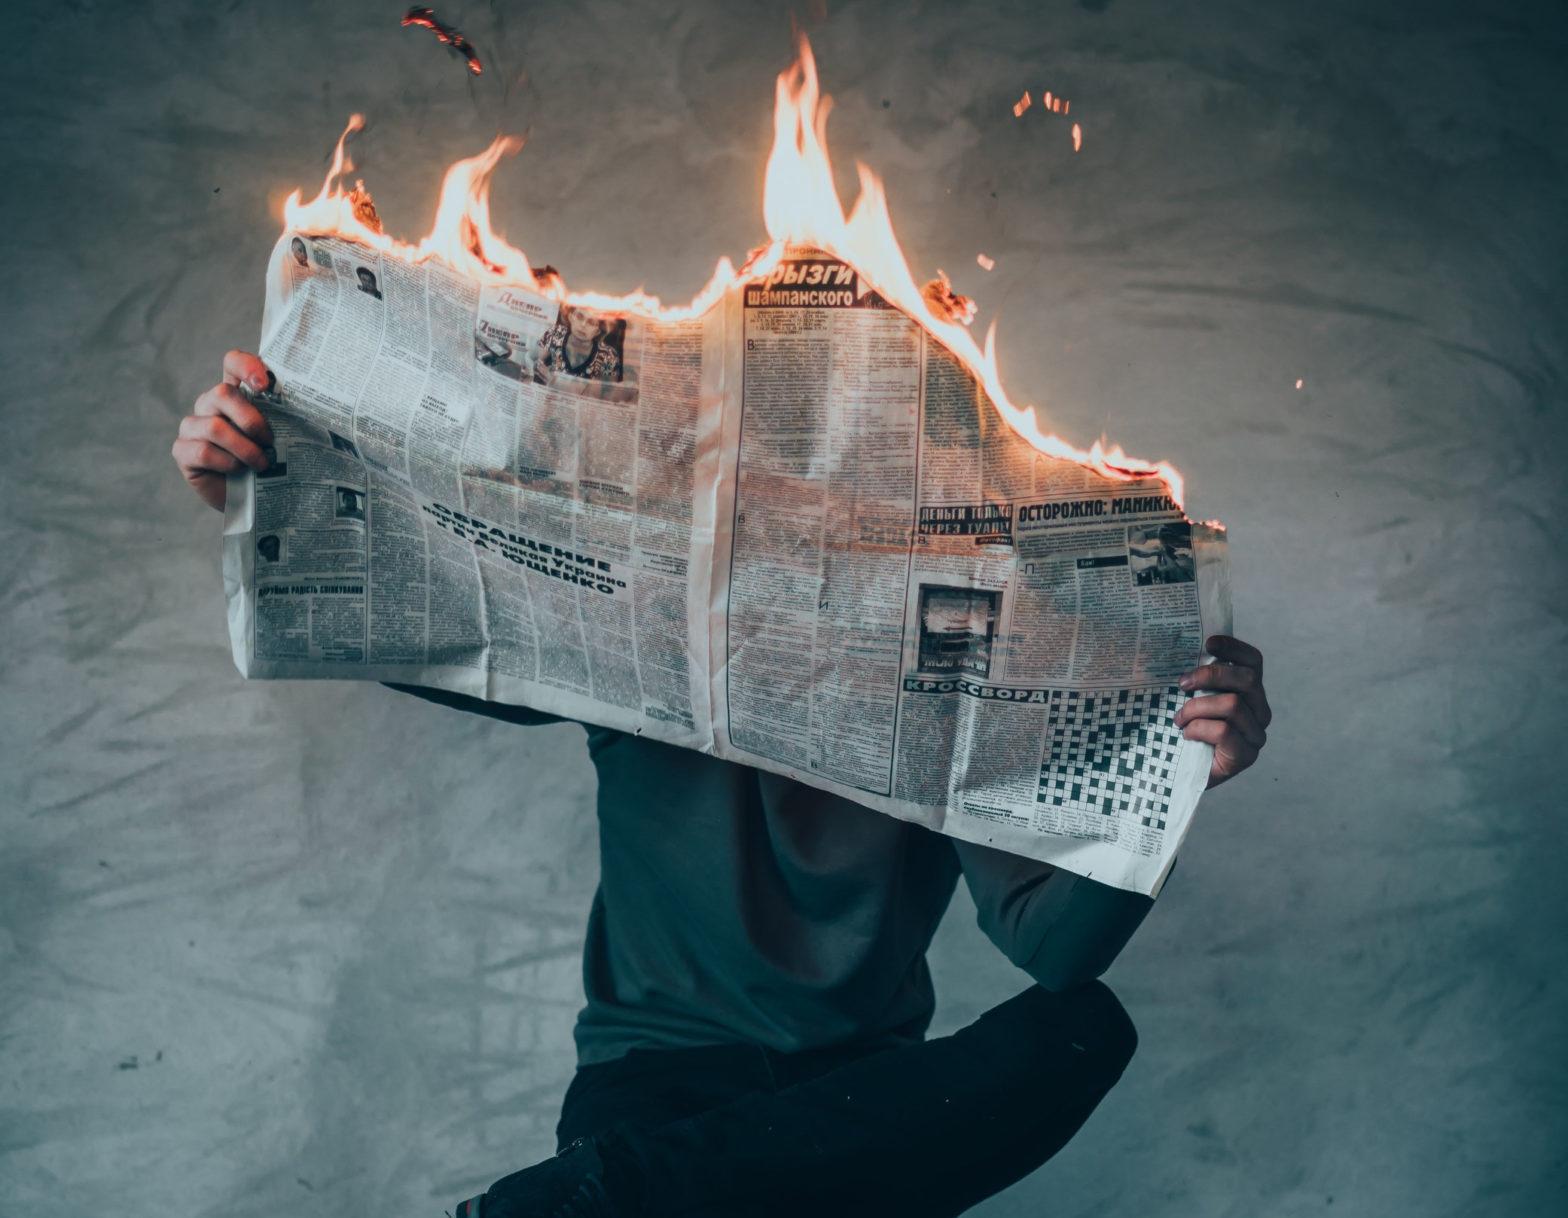 익숙한 것들과의 결별, 광고 중독을 끊어야 저널리즘이 산다.